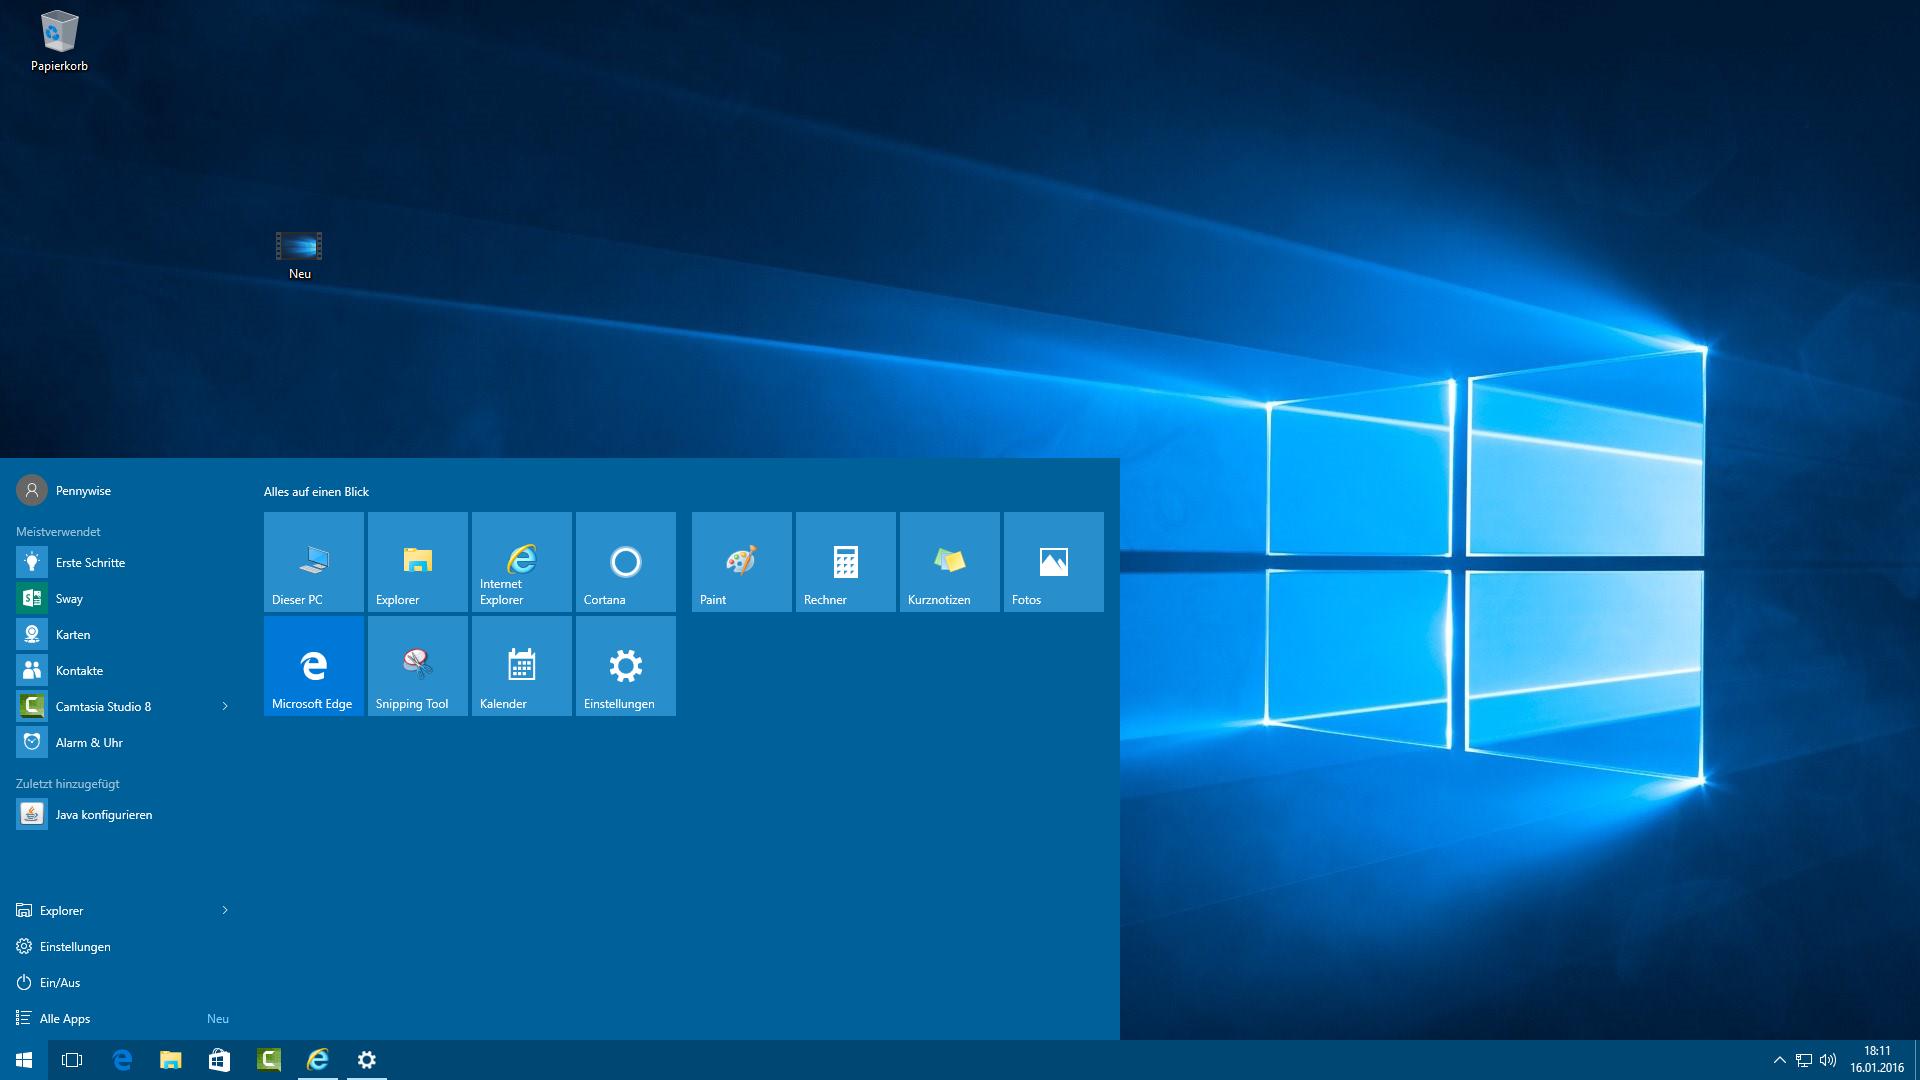 unbenannt 1 - Windows 10: Vier Reihen Kacheln im Startmenü anzeigen